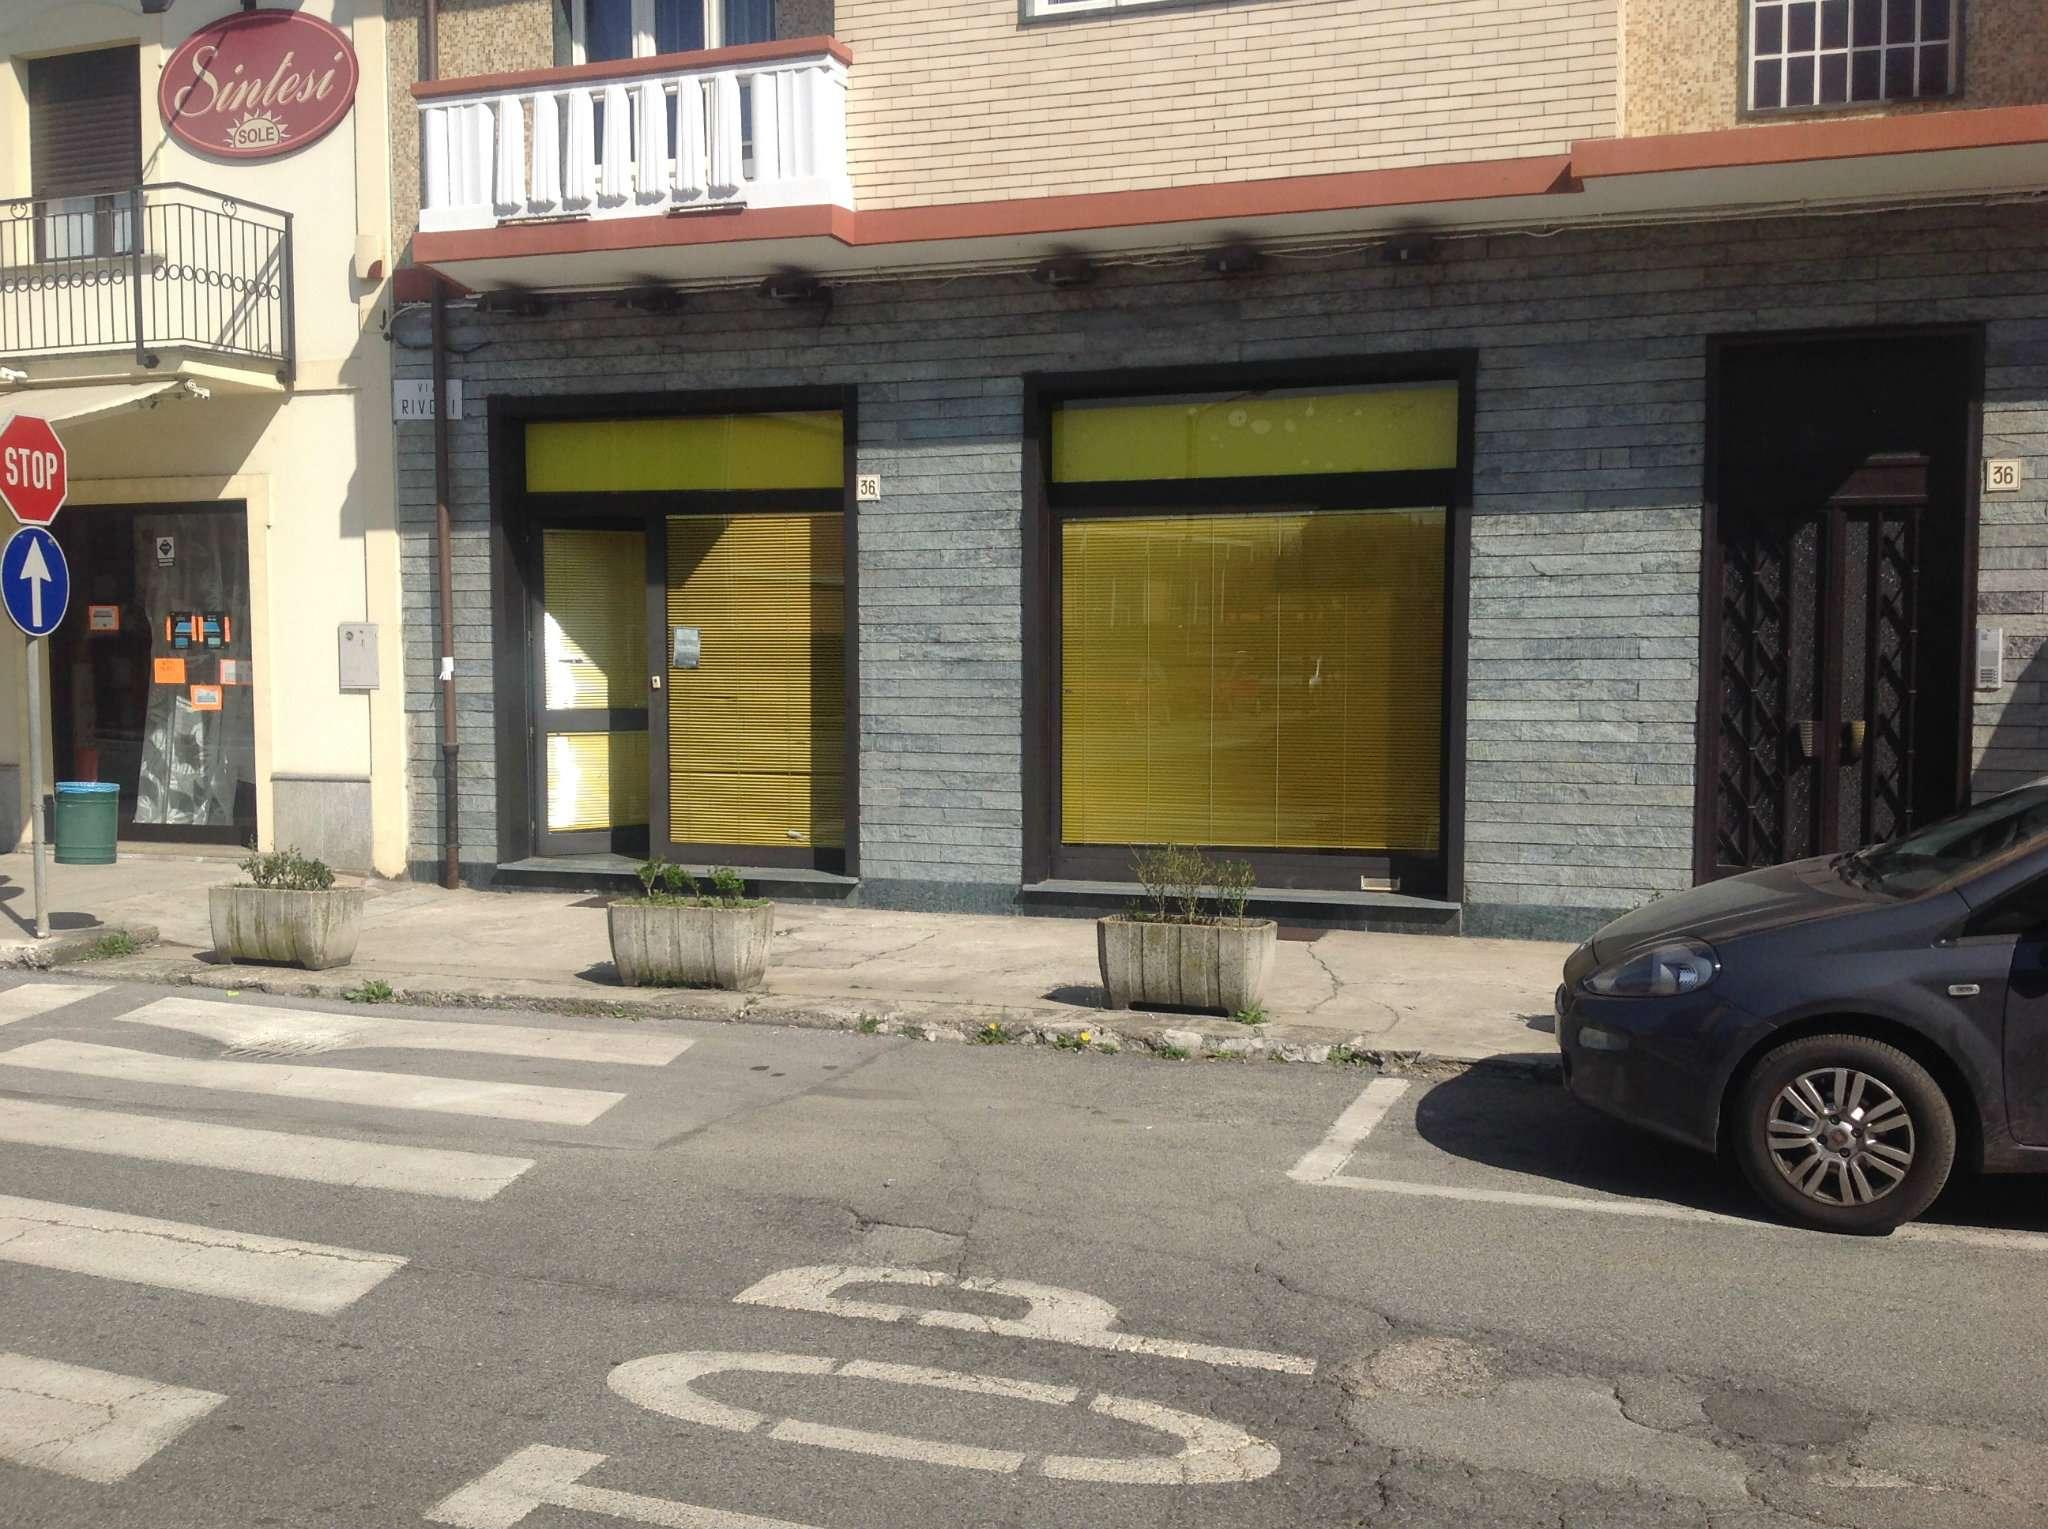 Negozio / Locale in vendita a Orbassano, 1 locali, prezzo € 120.000 | PortaleAgenzieImmobiliari.it